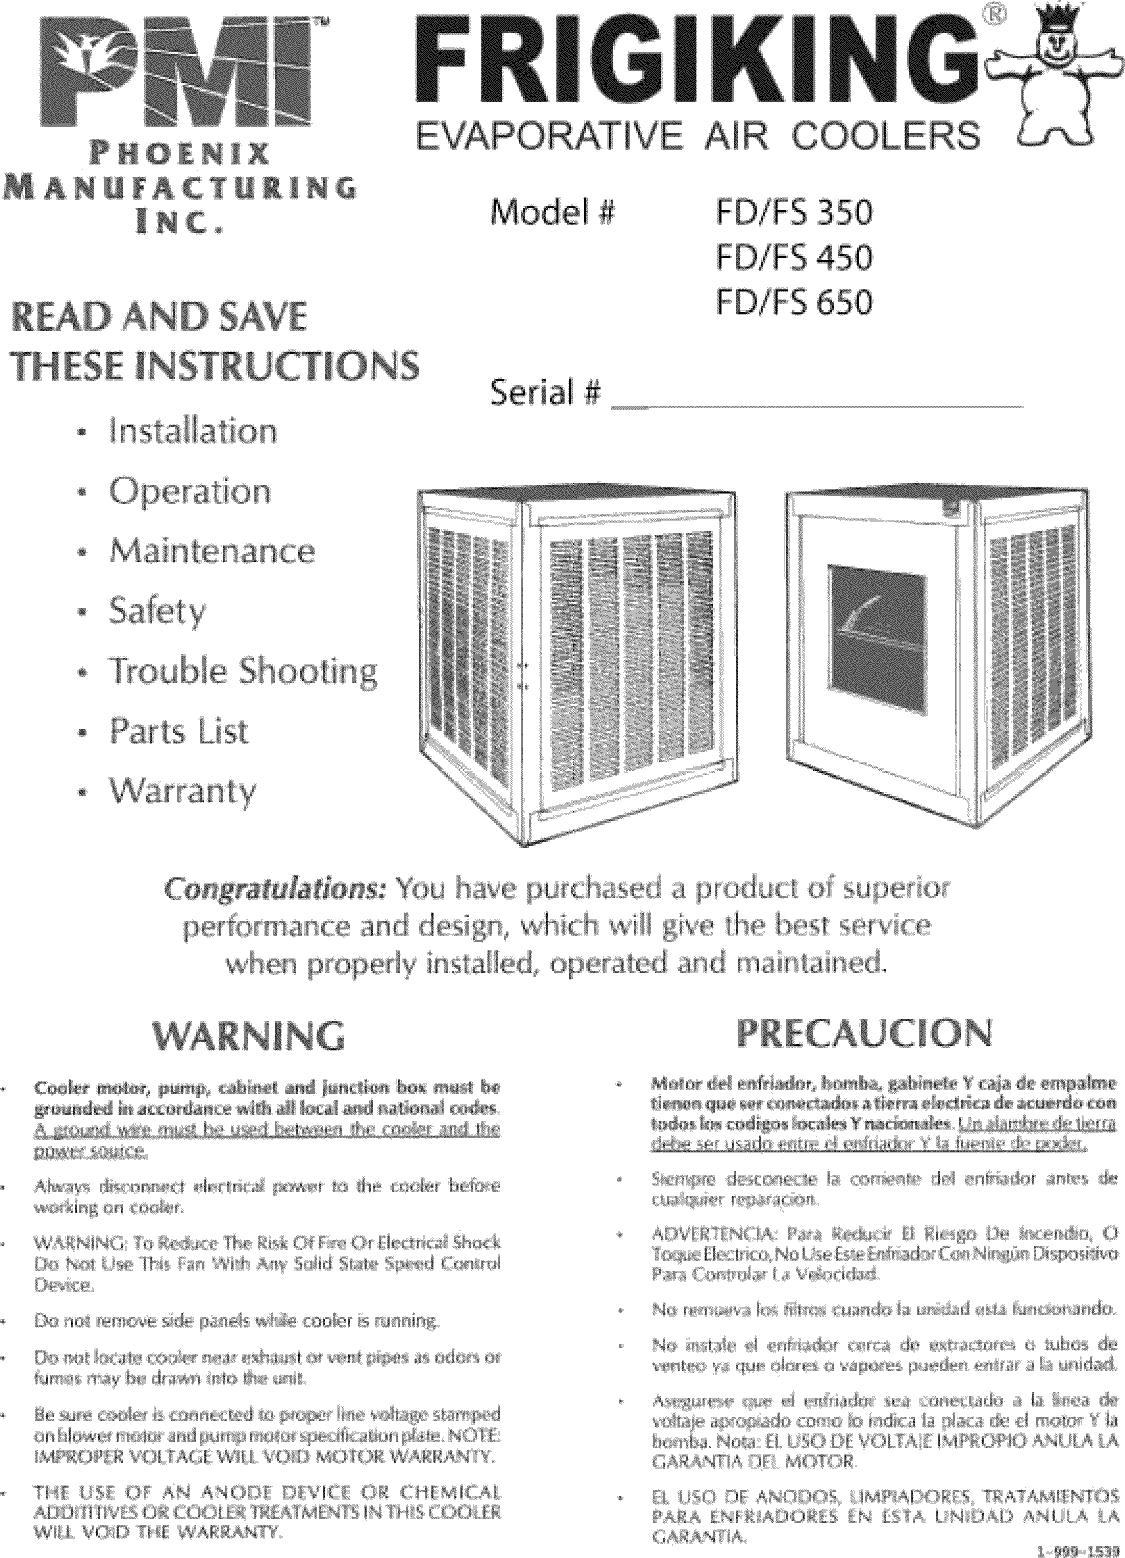 Frigiking Evaporative Cooler Manual L0812573 No Pump Swamp Motor Wiring Diagram